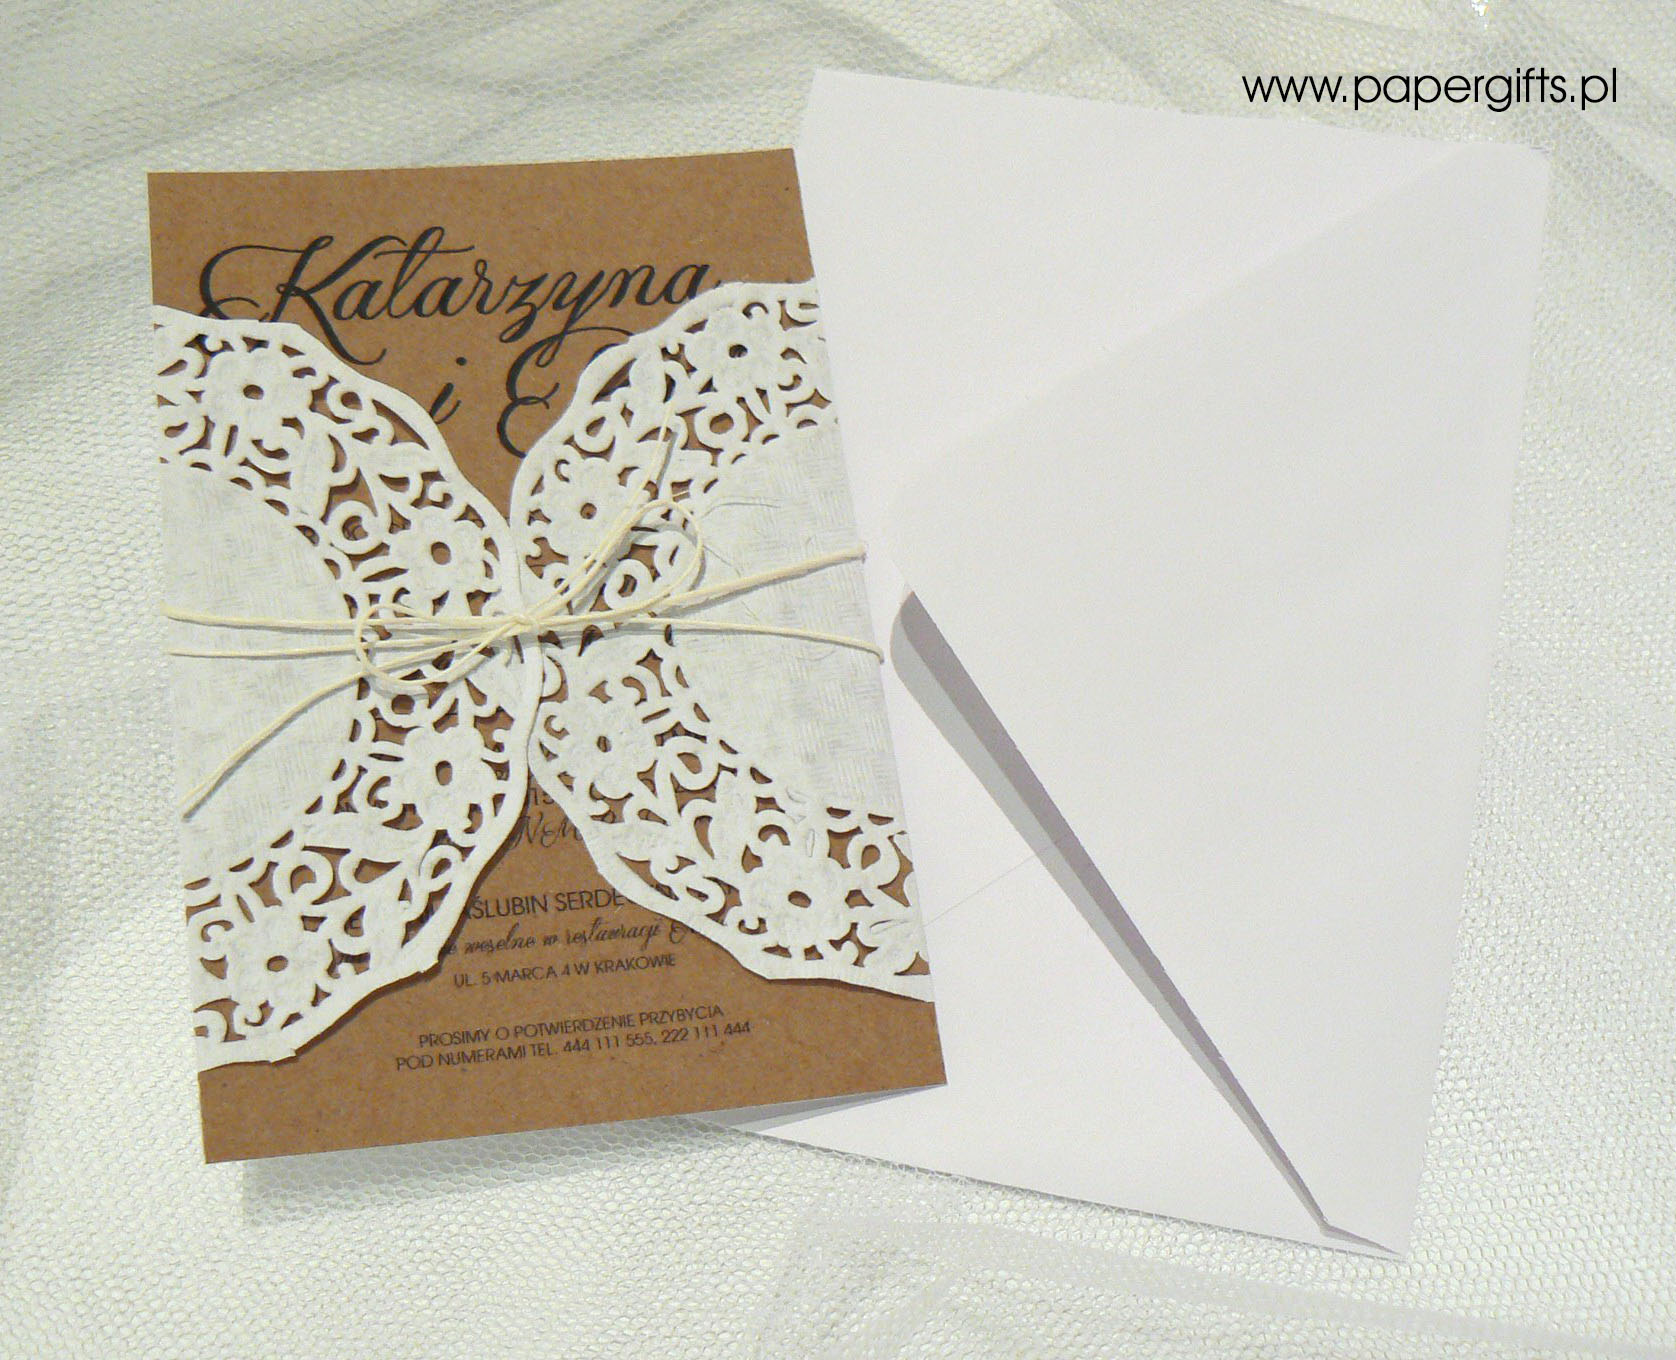 Zaproszenie Papergiftspl